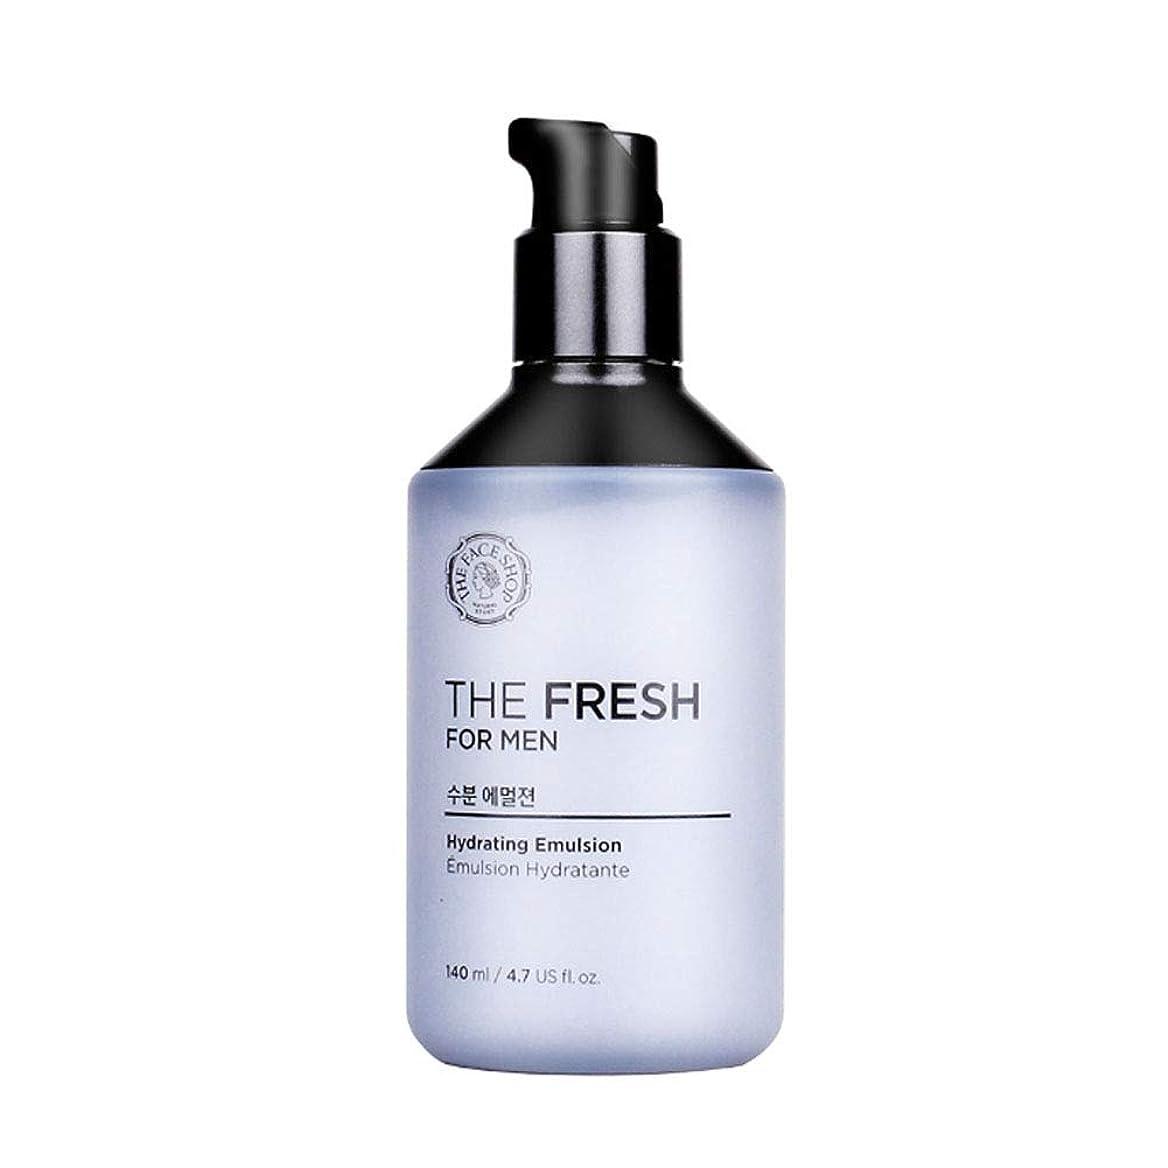 ハーブ薄汚いインデックスザ?フェイスショップザ?フレッシュフォーマン水分エマルジョン140mlメンズコスメ、The Face Shop The Fresh For Men Hydrating Emulsion 140ml Men's Cosmetics [並行輸入品]